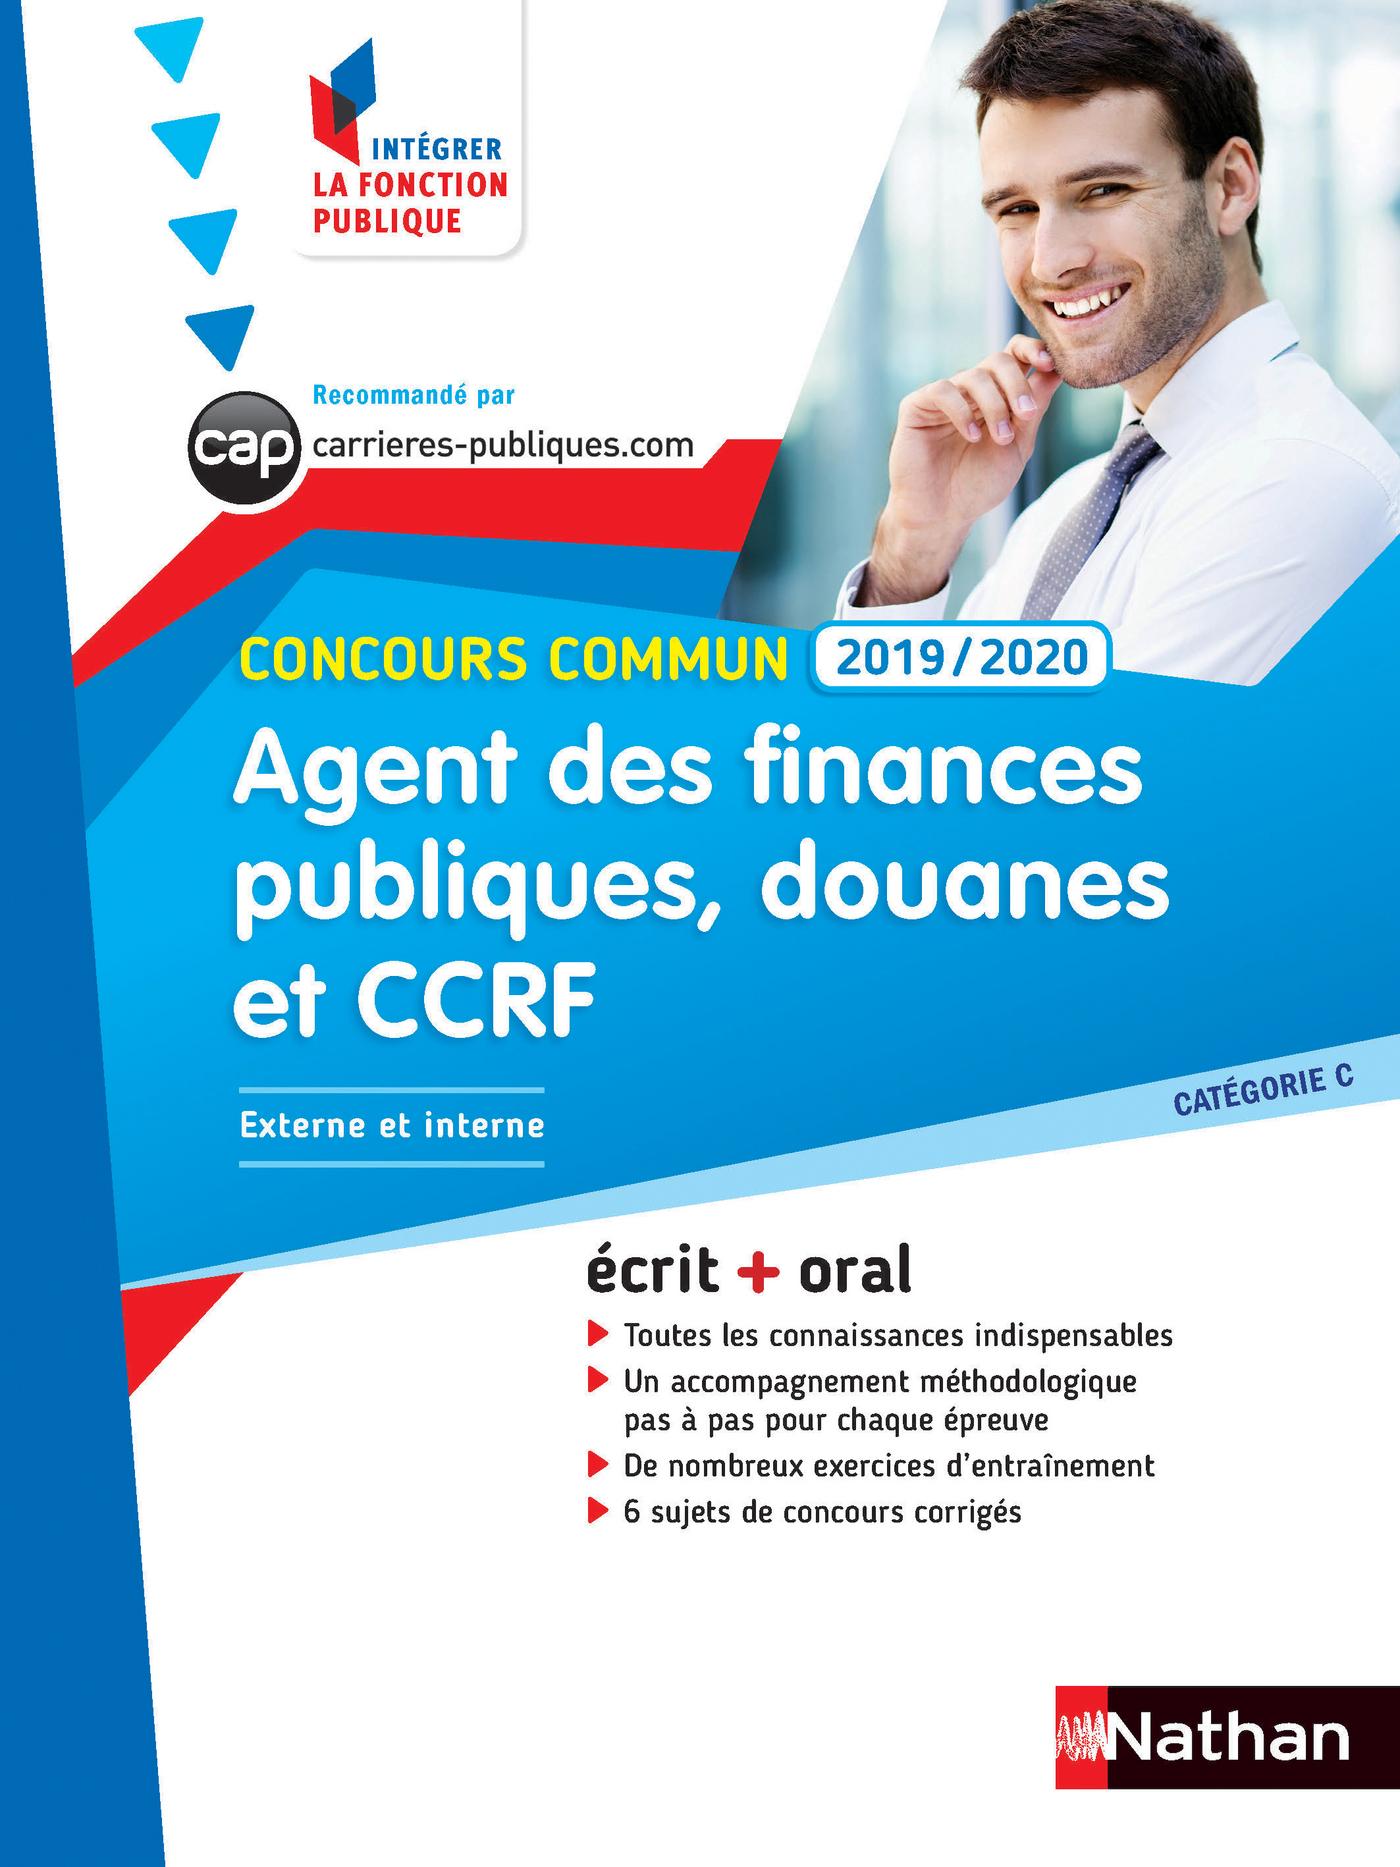 Agent des finances publiques, des douanes et de la CCRF - Ecrit + Oral - Catégorie C - Concours Comm